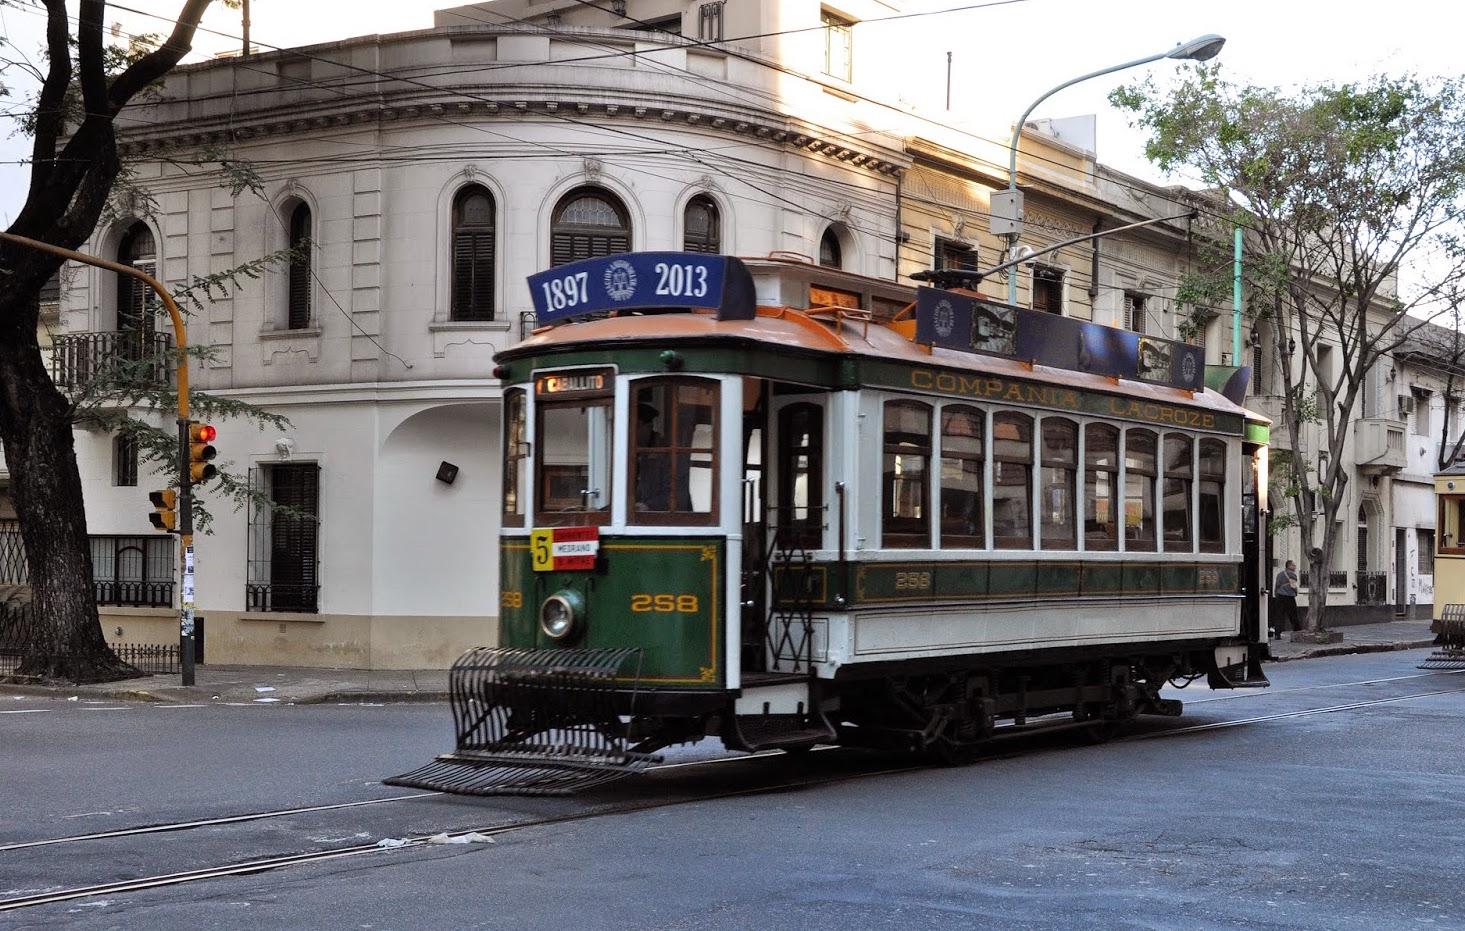 Quartier anglais tramway - MABA Blog